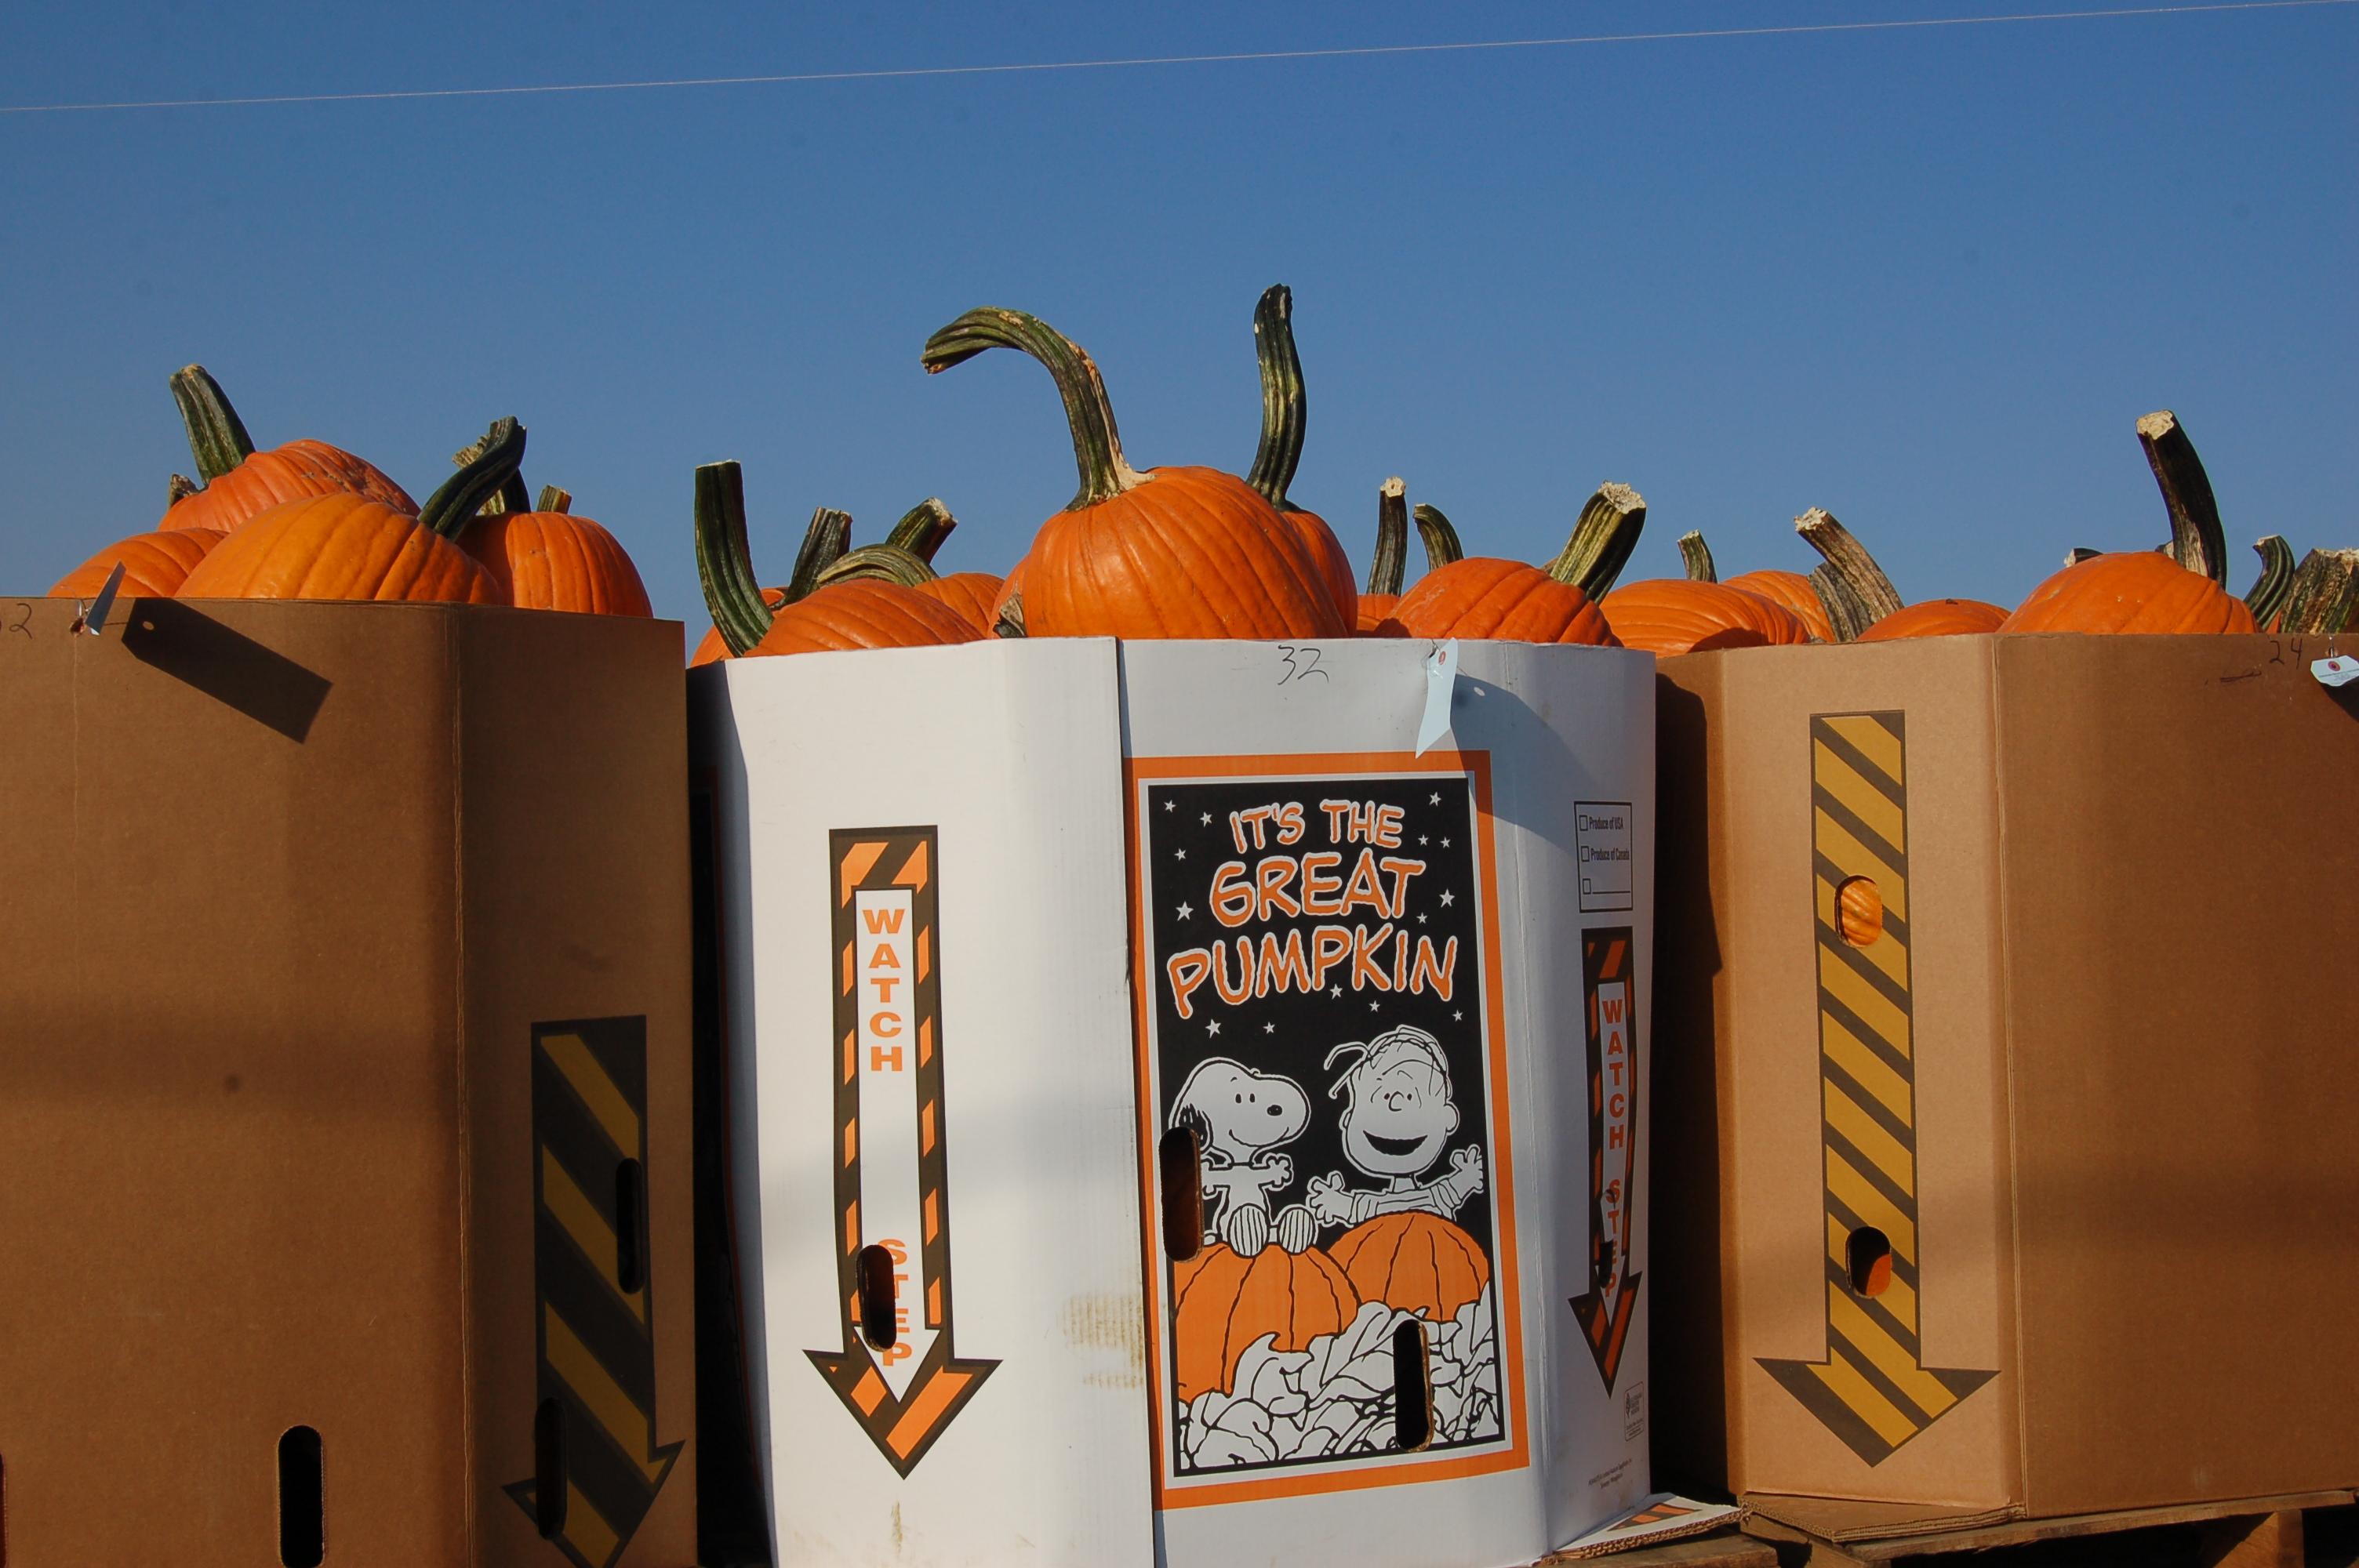 Great pumpkin by Bruce Stambaugh